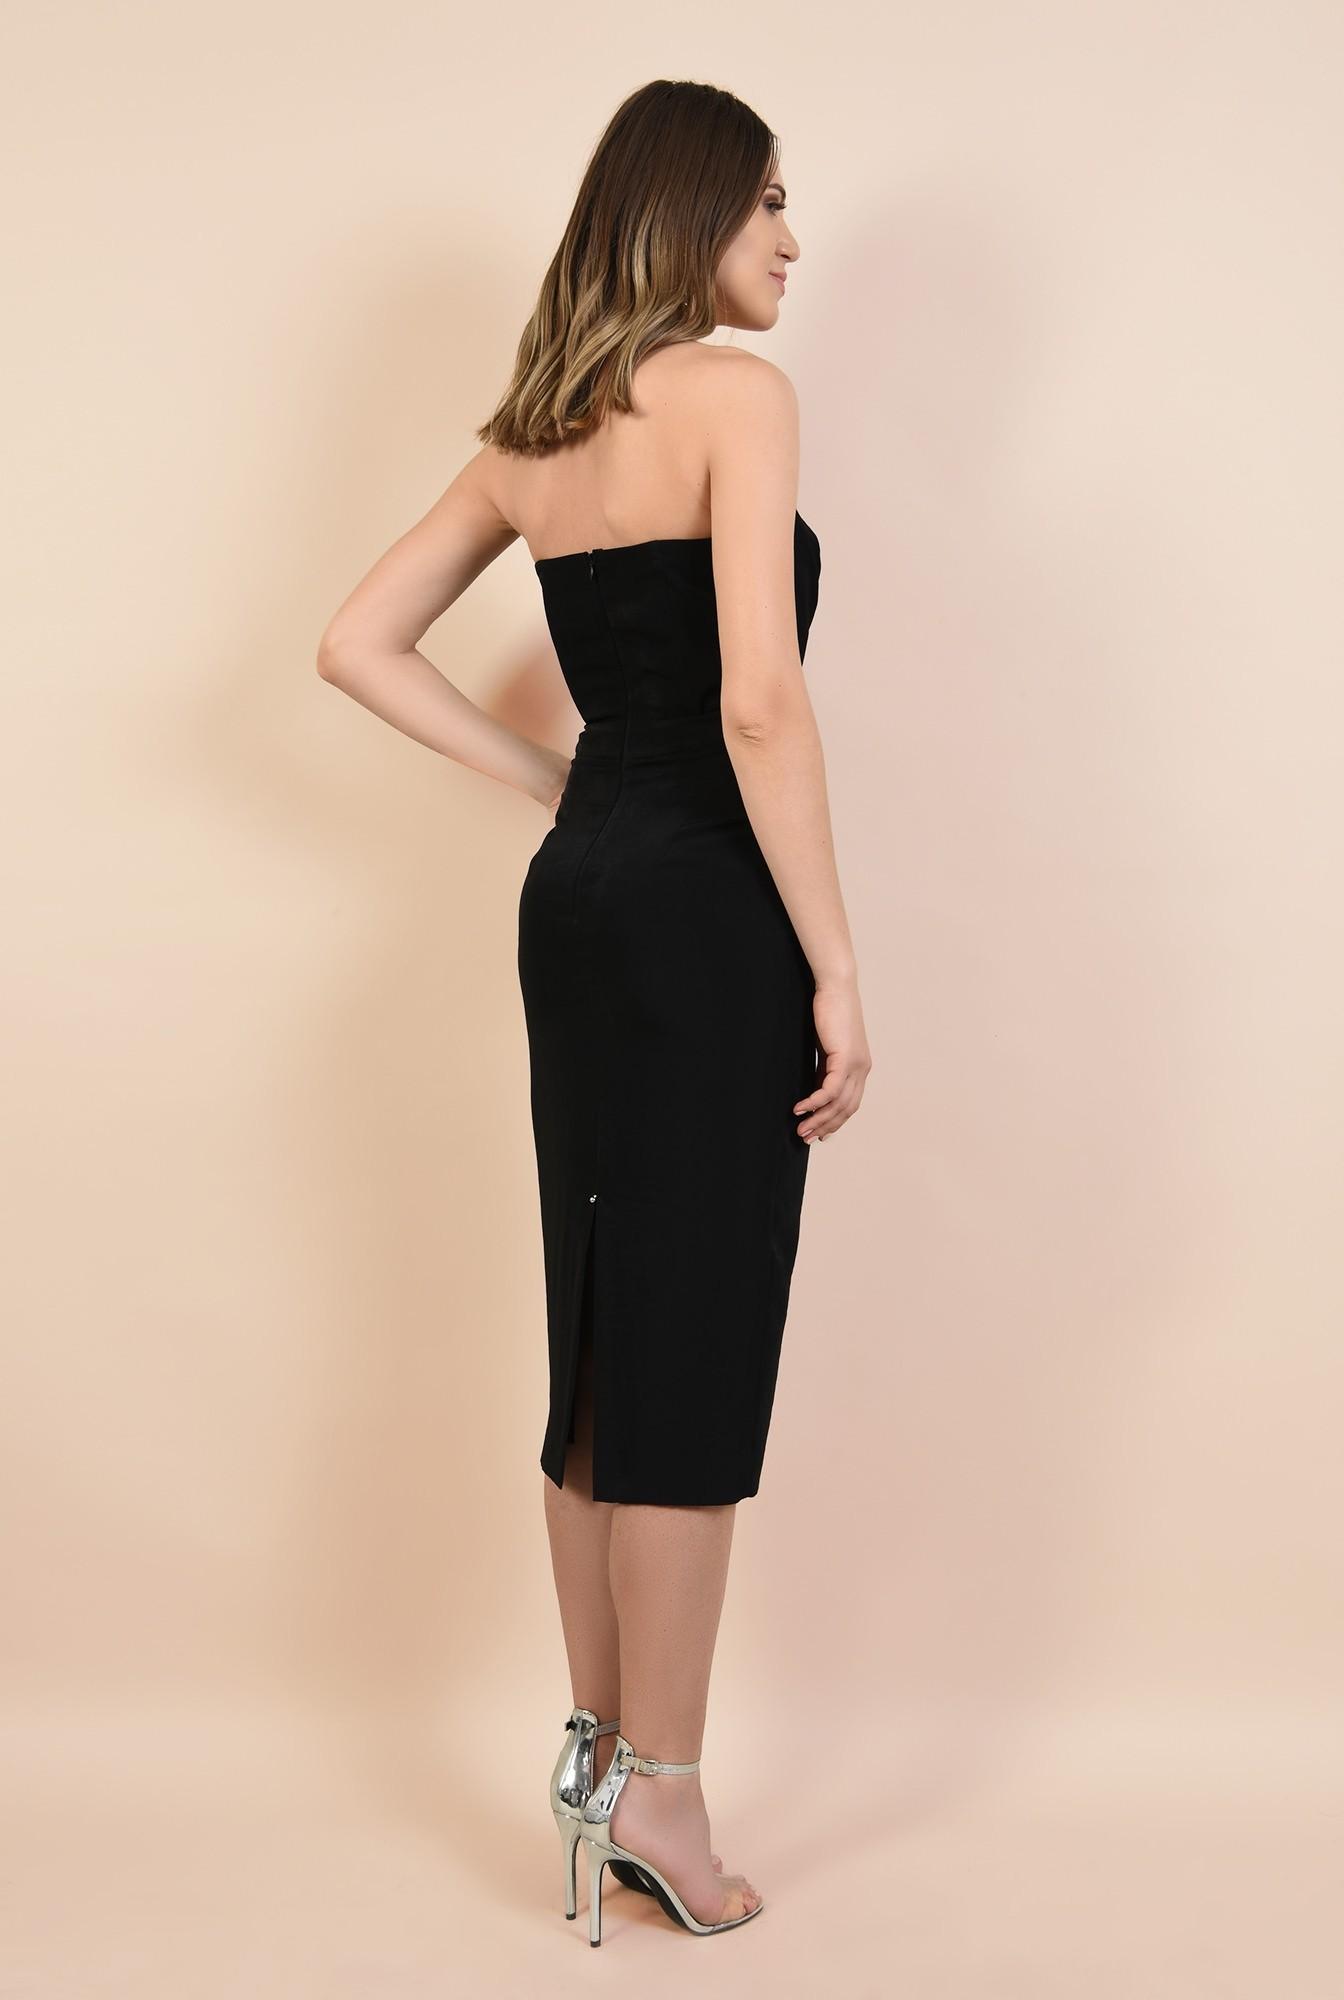 1 - rochie de seara, bodycon, croi conic, corset cu funda, neagra